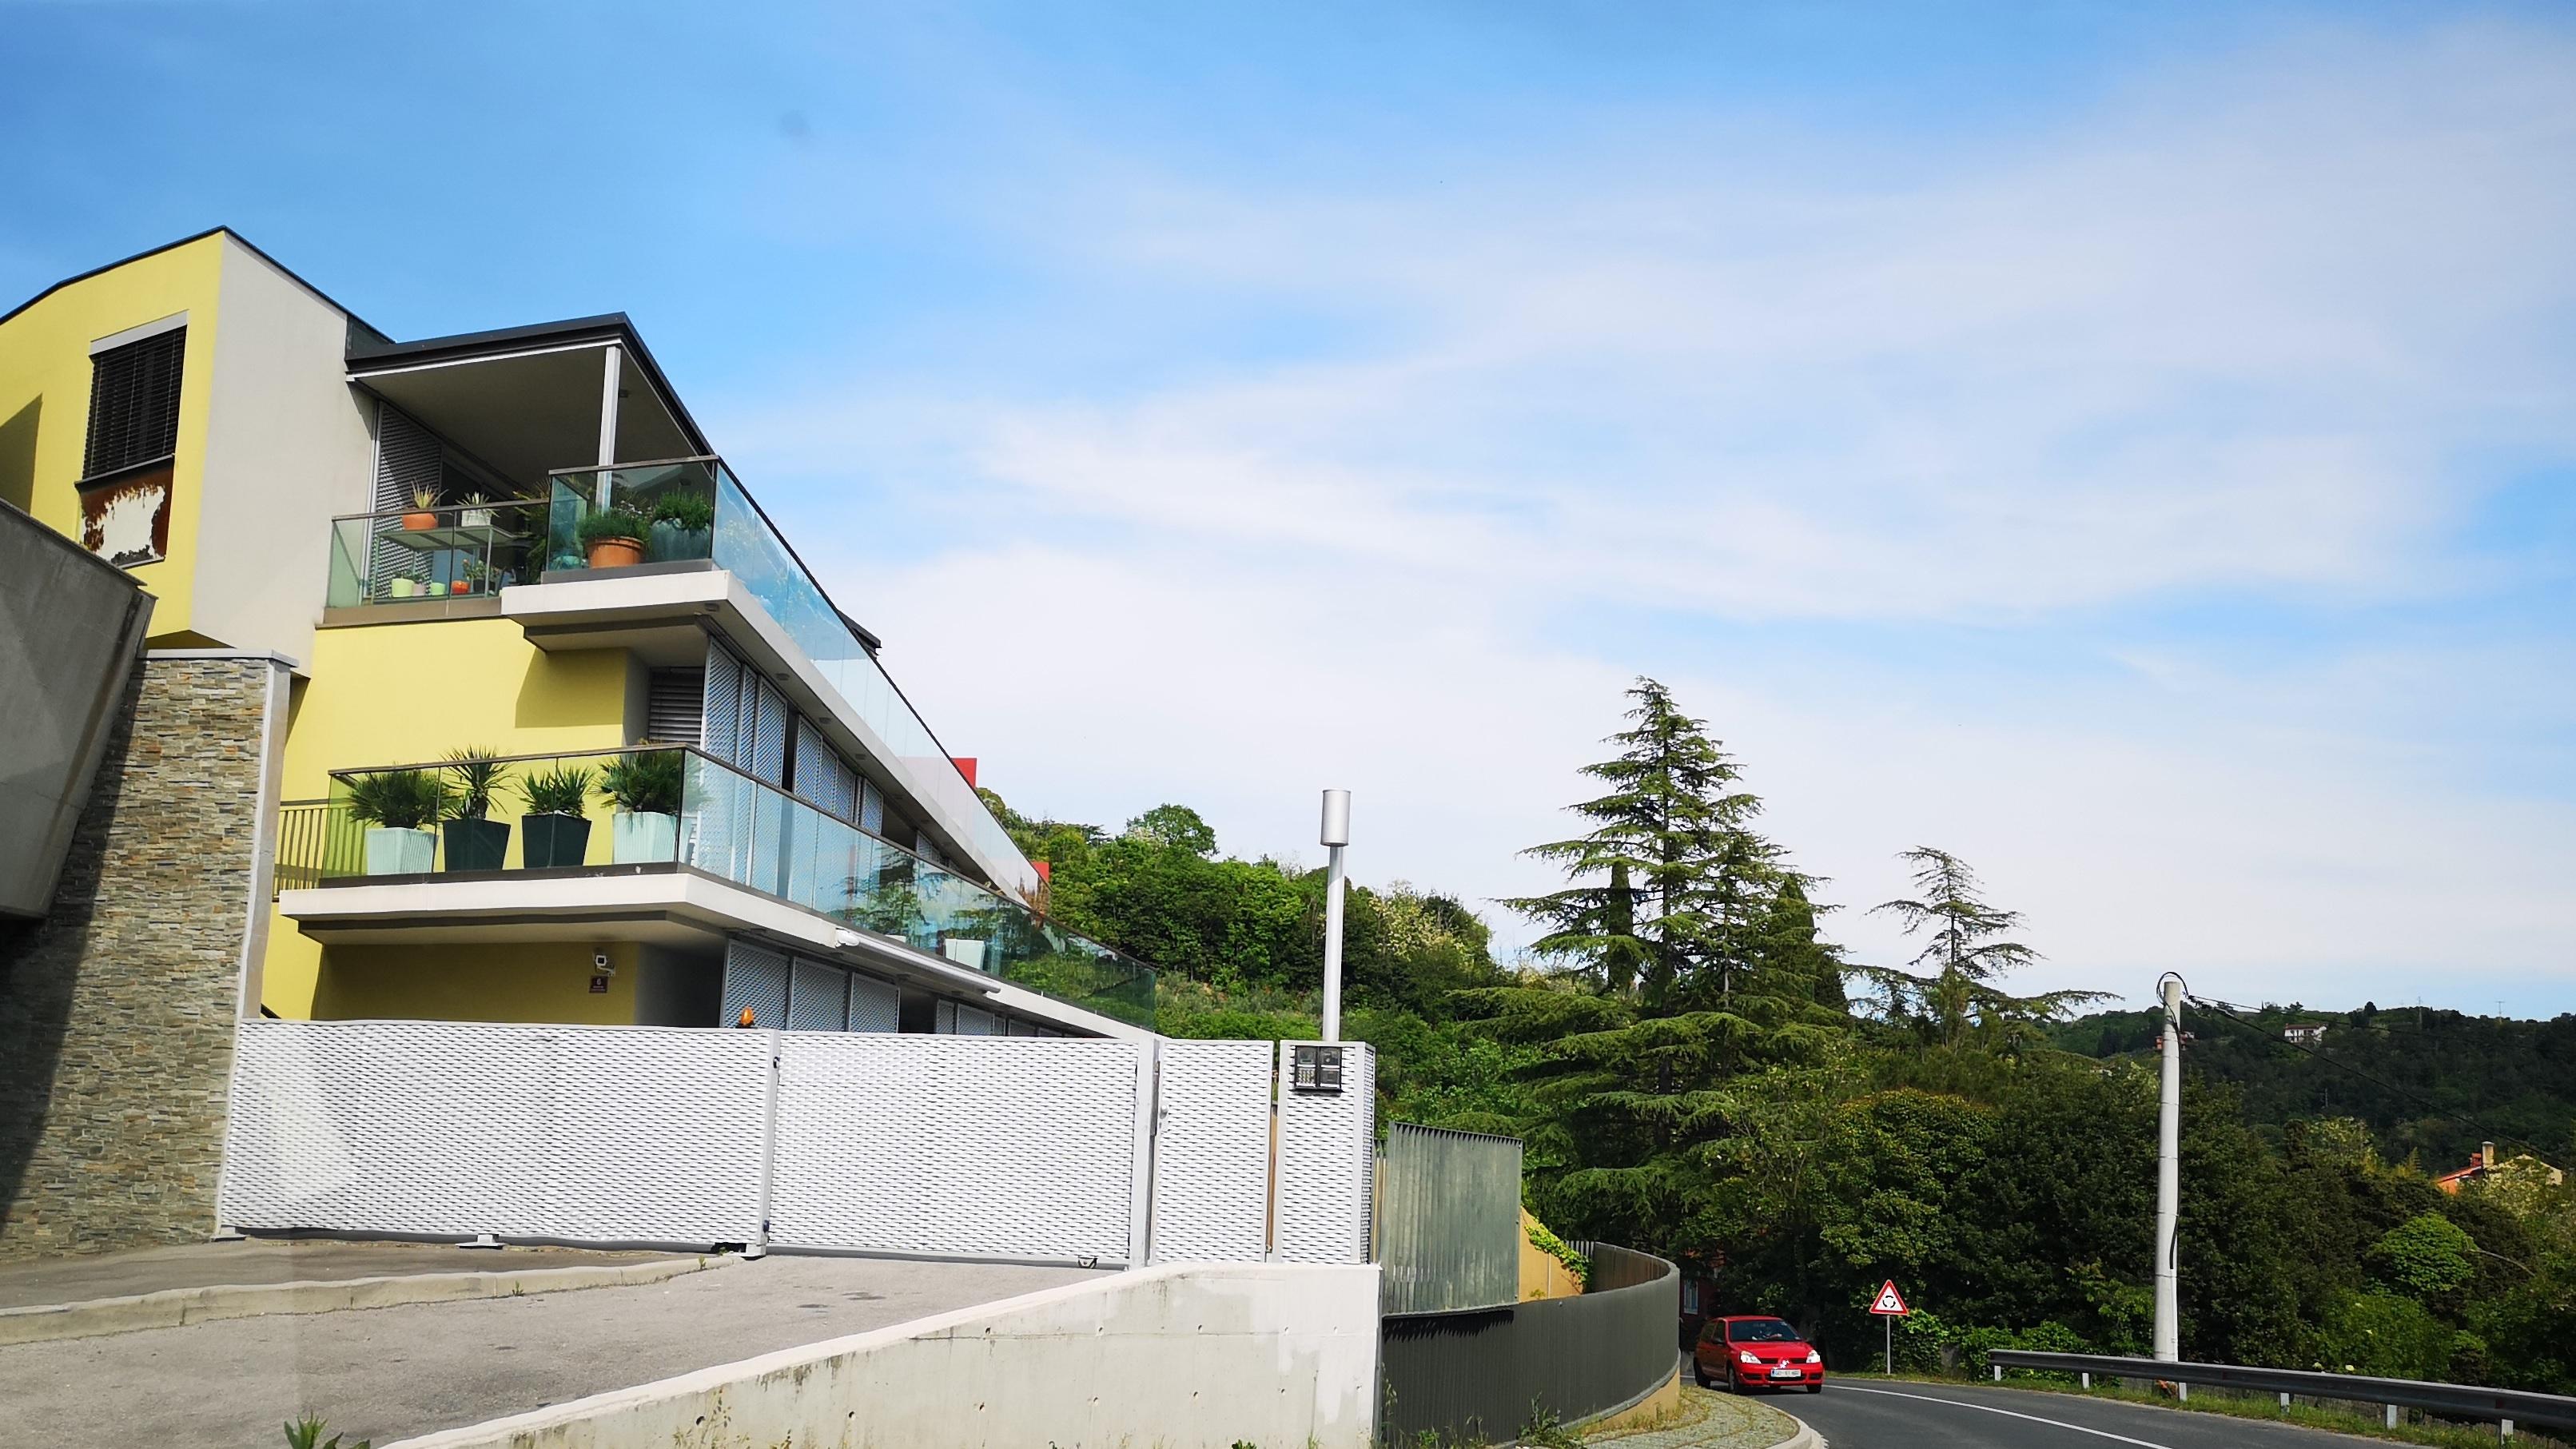 TOP dražbe: stanovanji v Kopru in Ljubljani, apartma na morju, hiša pri Škofljici, Racmanova graščina na Rudniku